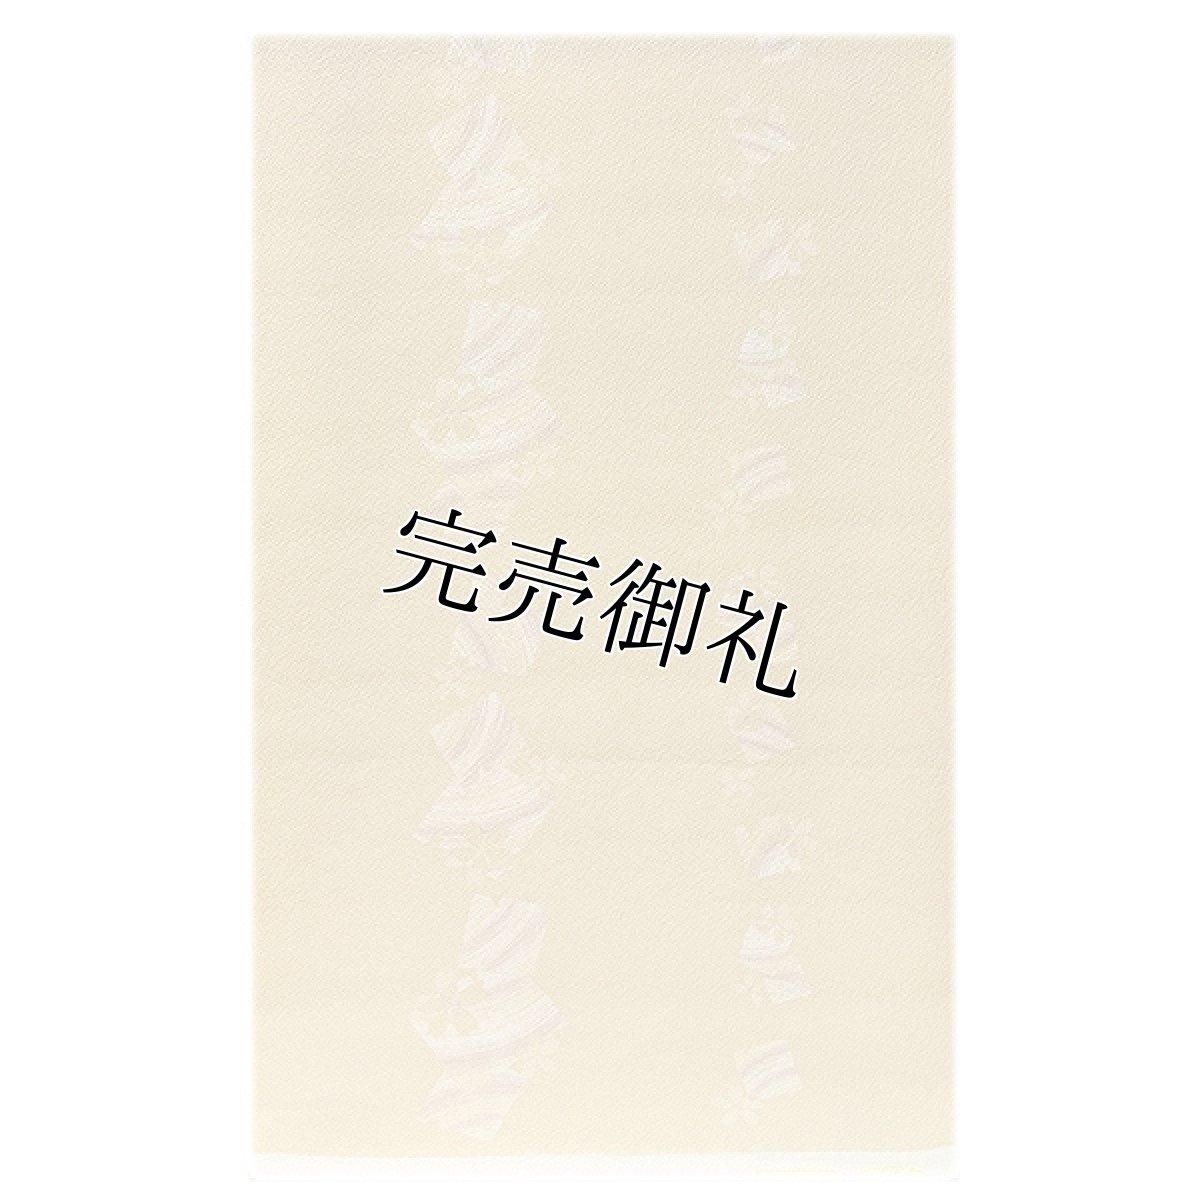 画像1: ■【訳あり】「高級ちりめん使用」 単衣にもおすすめ 桜柄 反物 正絹 小紋■ (1)